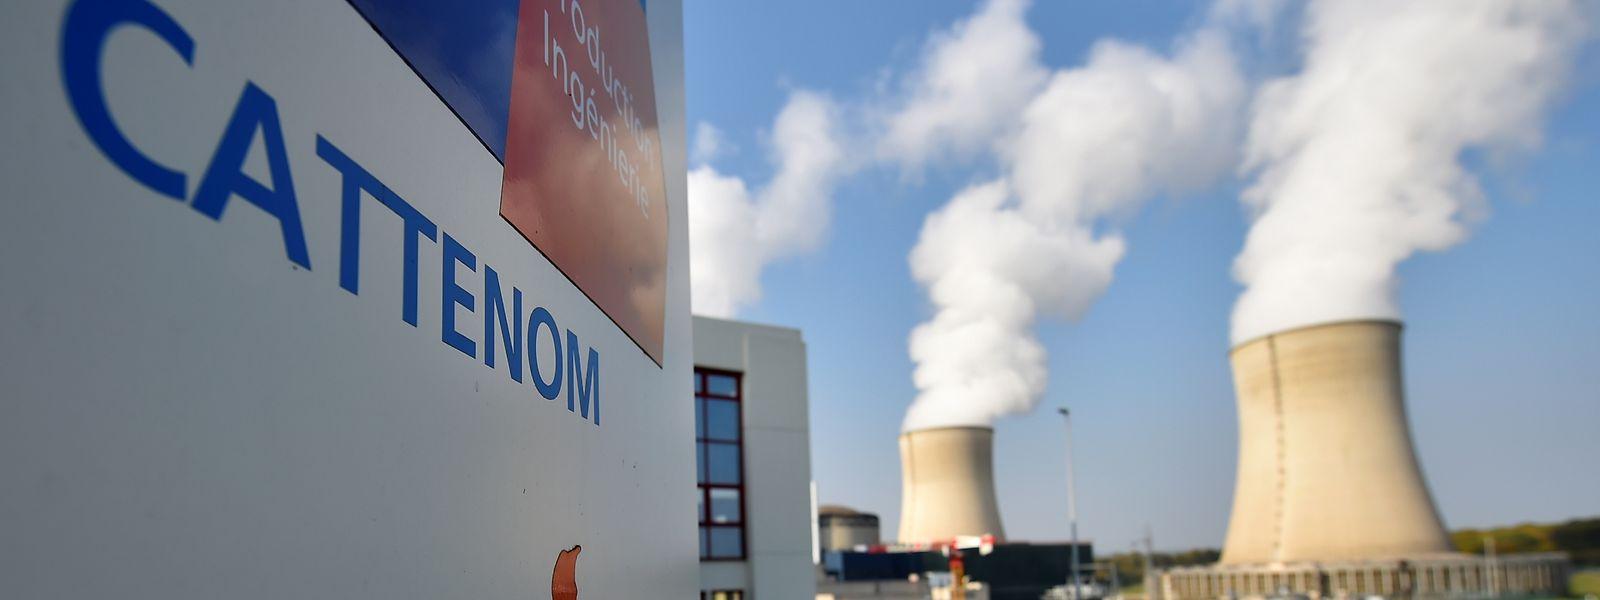 Am Reaktor drei des Kernkraftwerks Cattenom wird seit September eine Zehn-Jahres-Überholung durchgeführt.